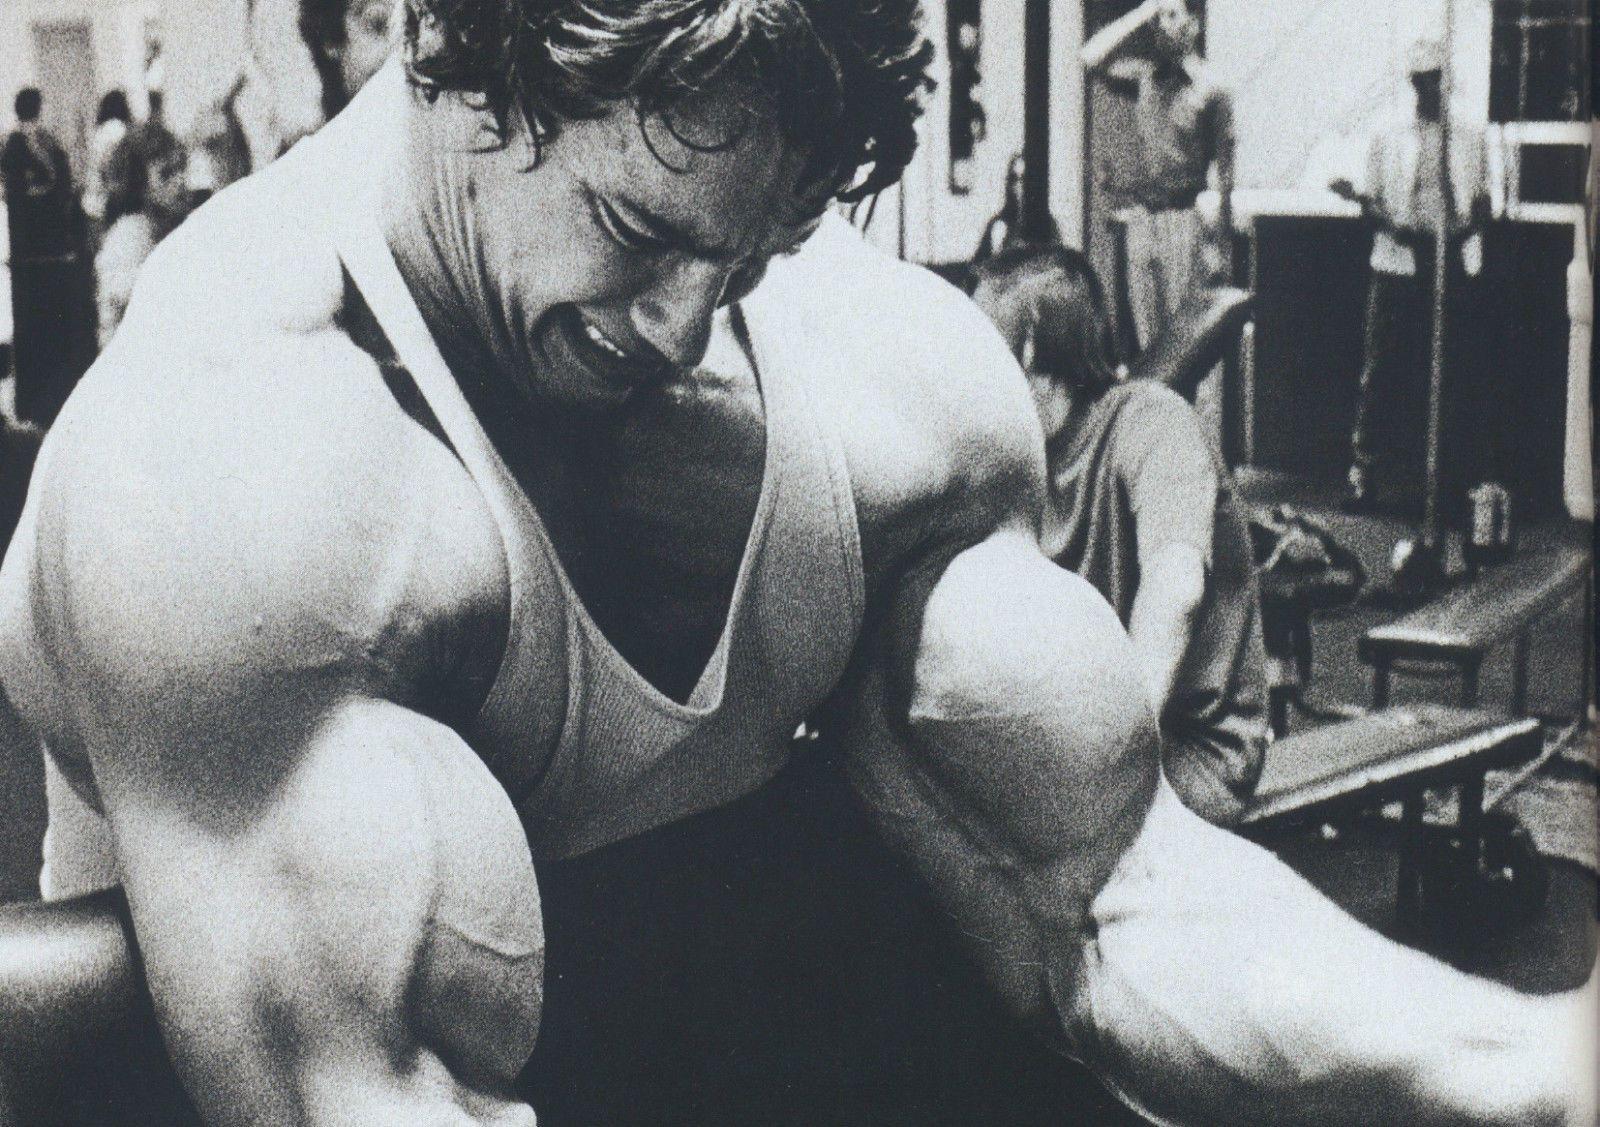 Arnold Schwarzenegger Bodybuilding Giant Poster Art Print A0 A1 A2 A3 A4 Sizes Bodybuilding Pictures Schwarzenegger Bodybuilding Arm Workout